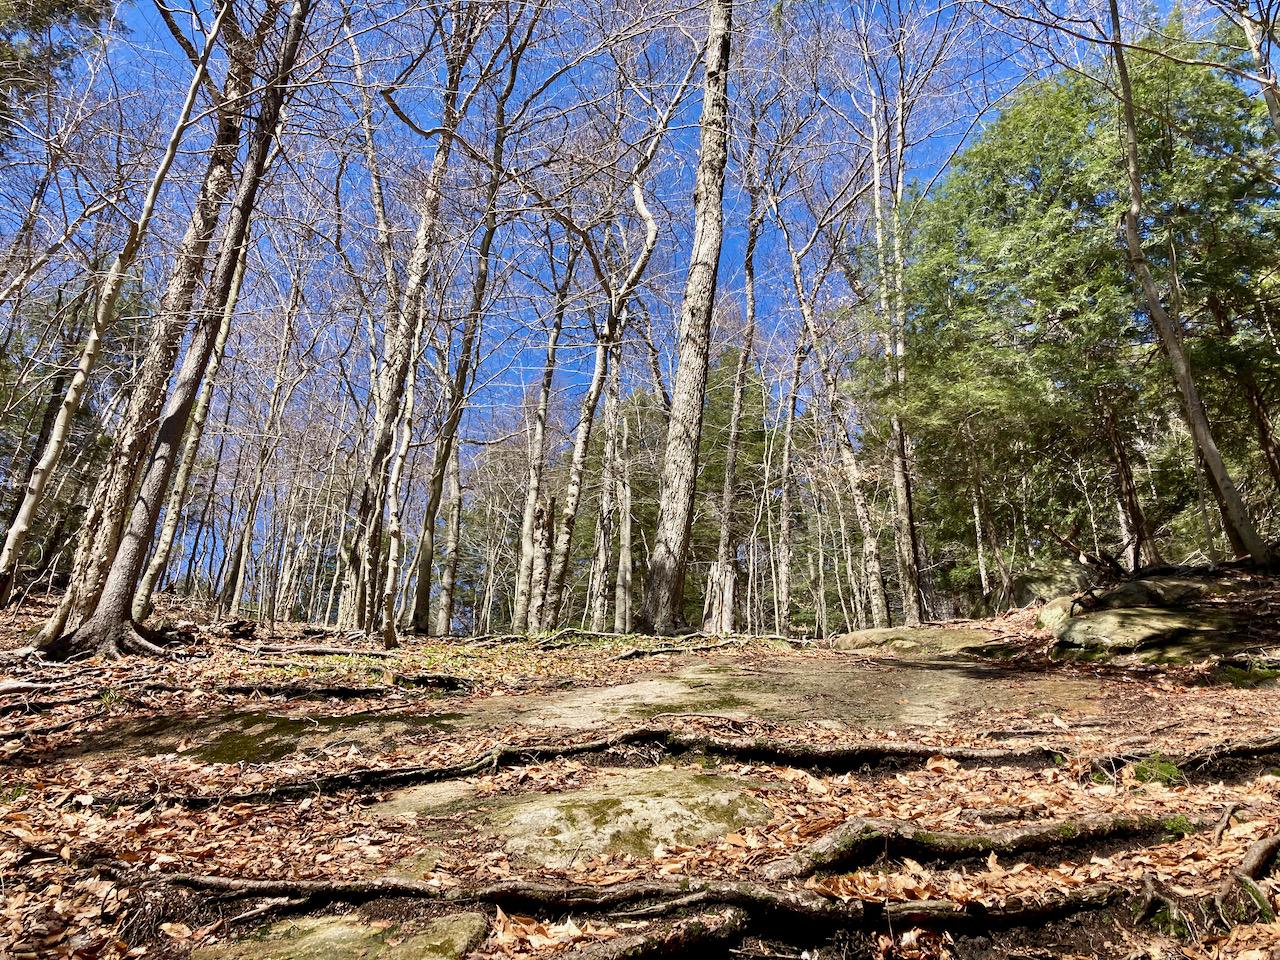 Rocky hillside in woods.